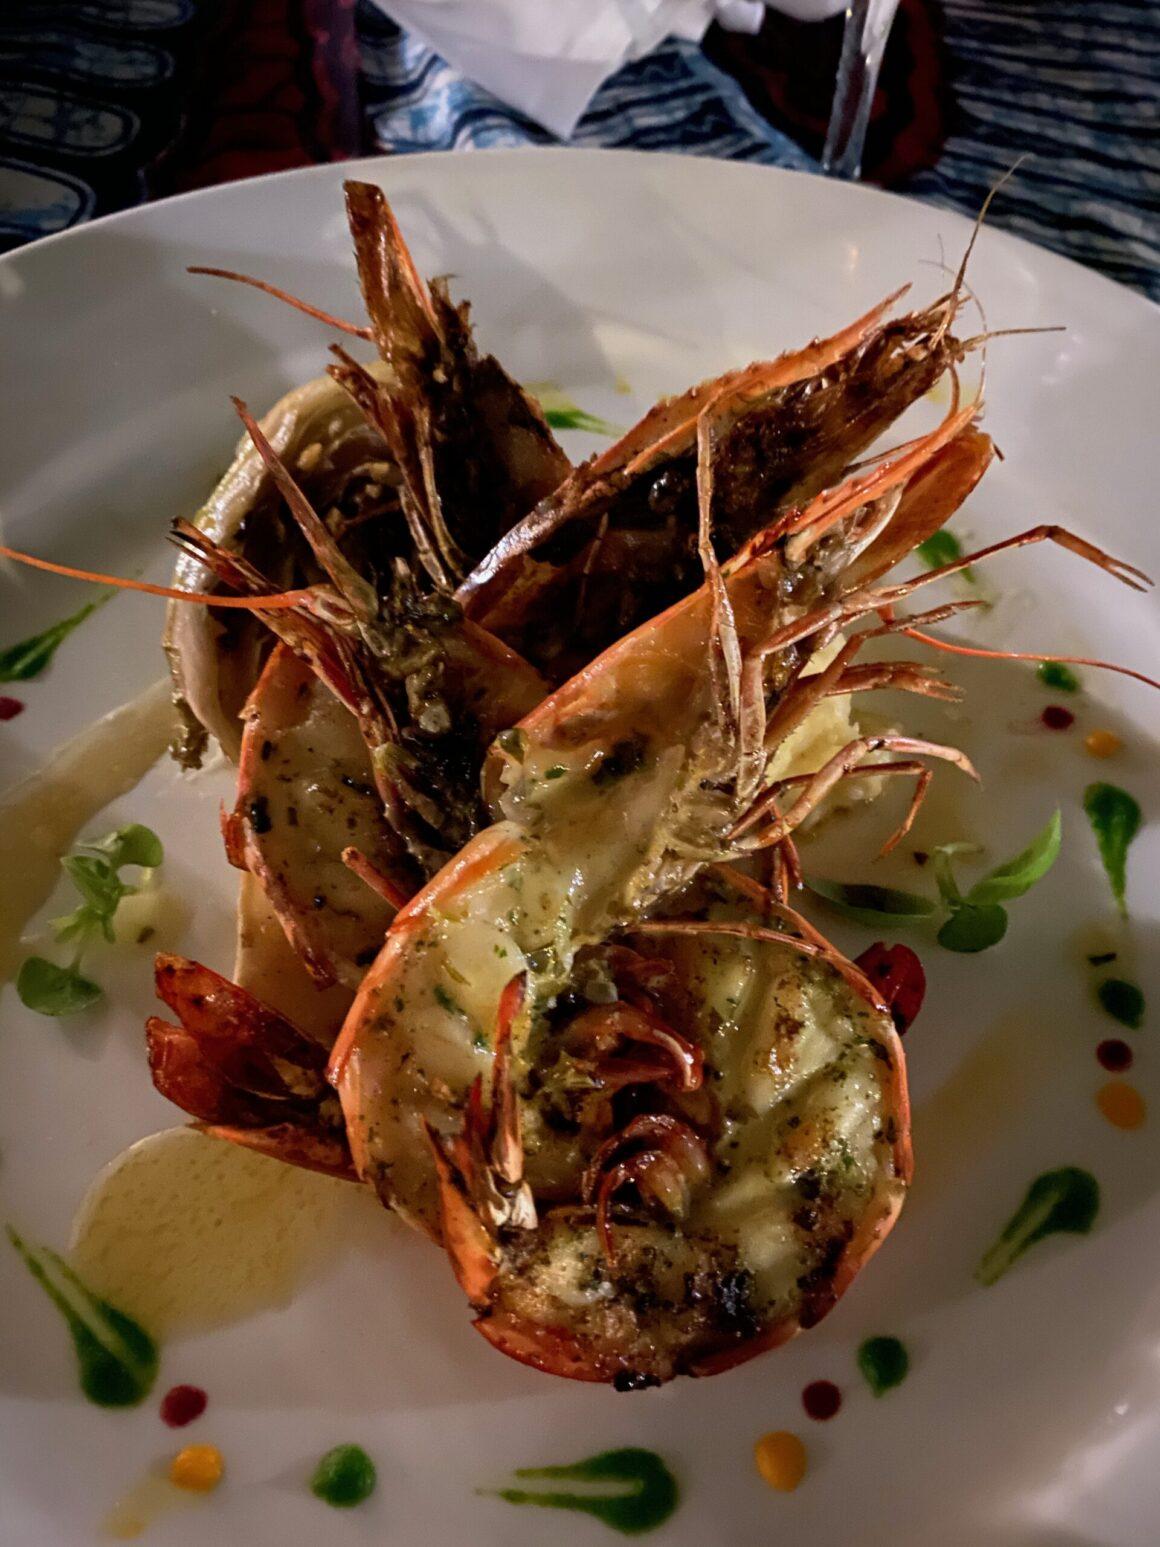 Baraza Resort lobster dinner